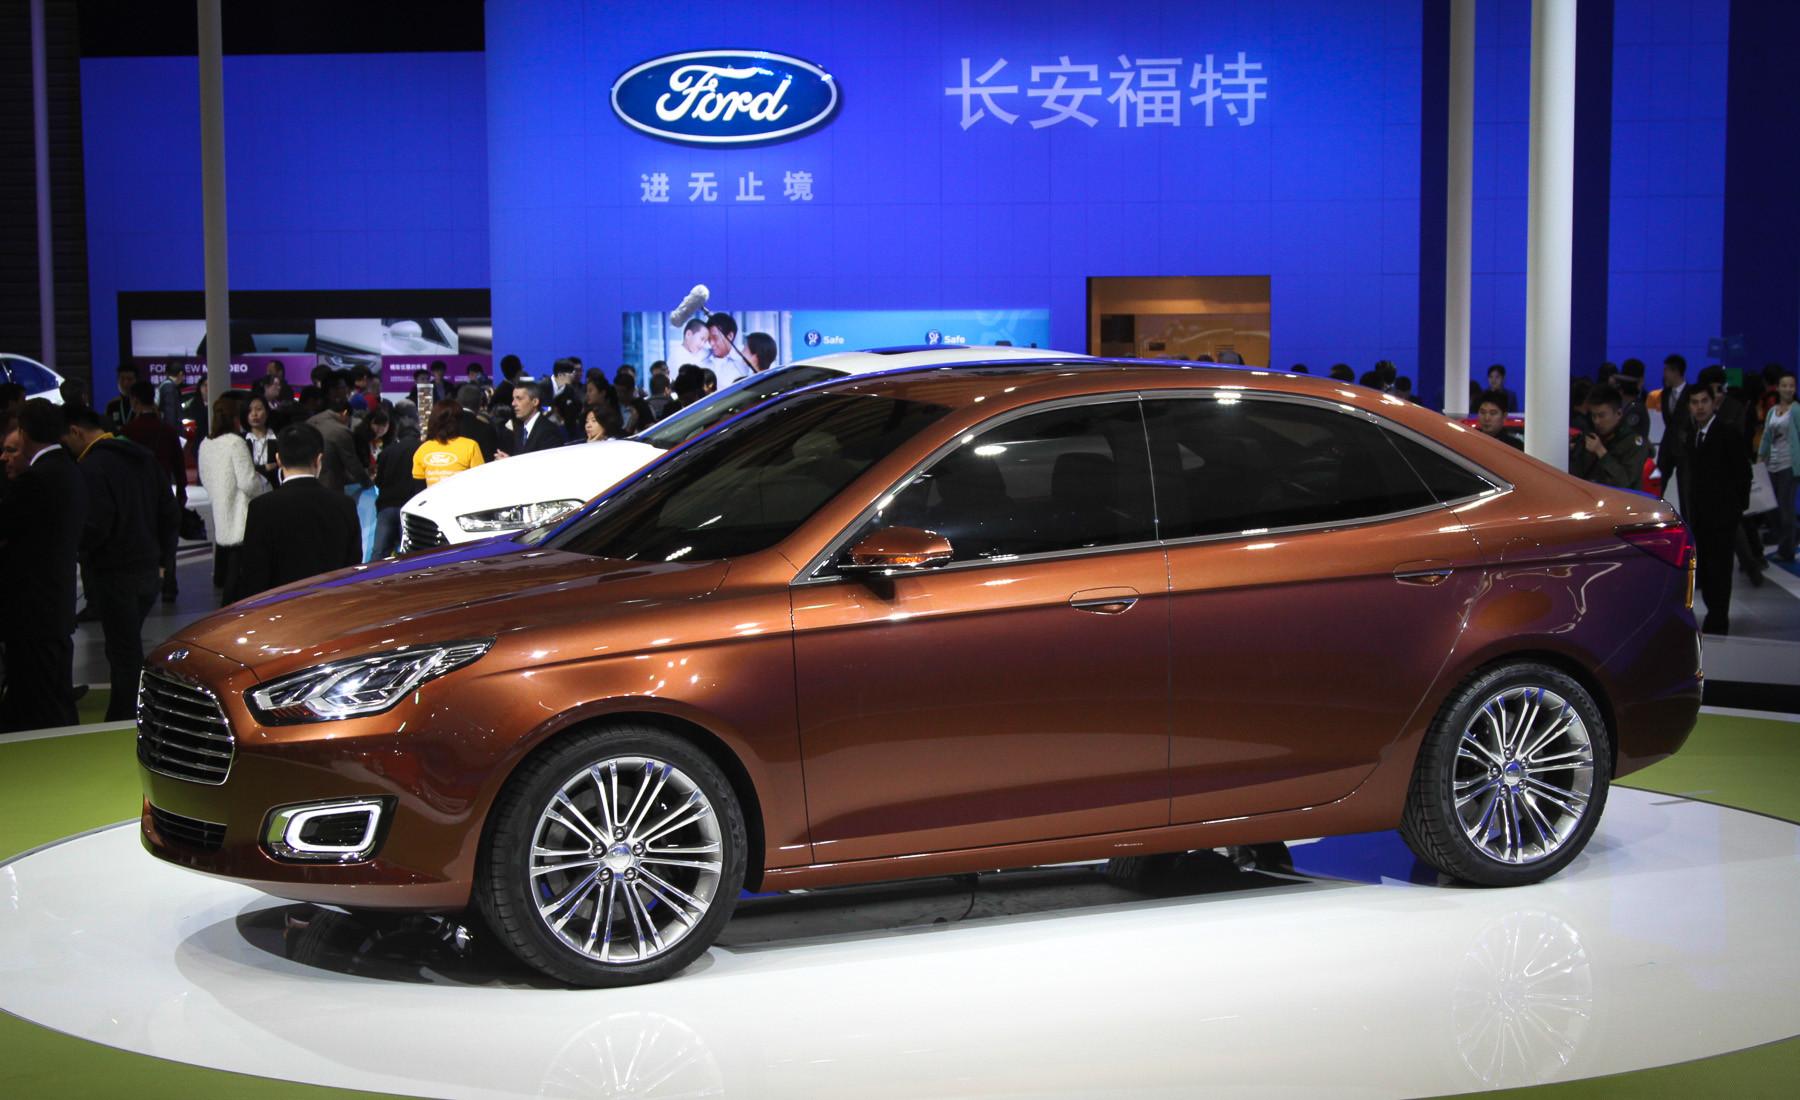 Недорогой седан Ford хотят привезти в Россию